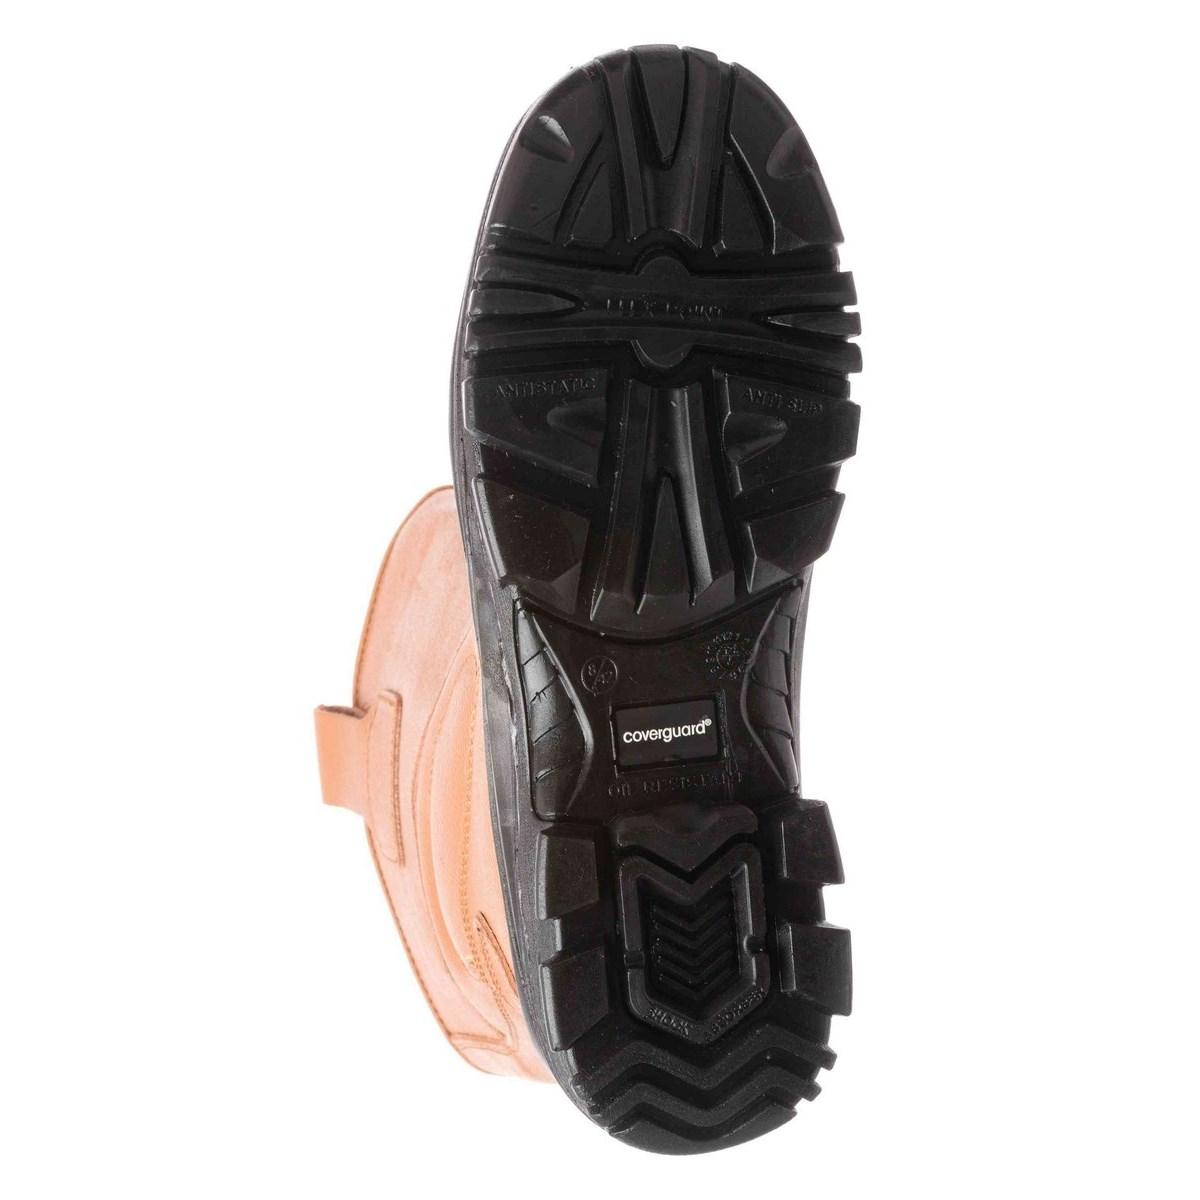 PYRITE (S3 CK) barna színbőr, fémmentes csizma, kompozit lábujjv